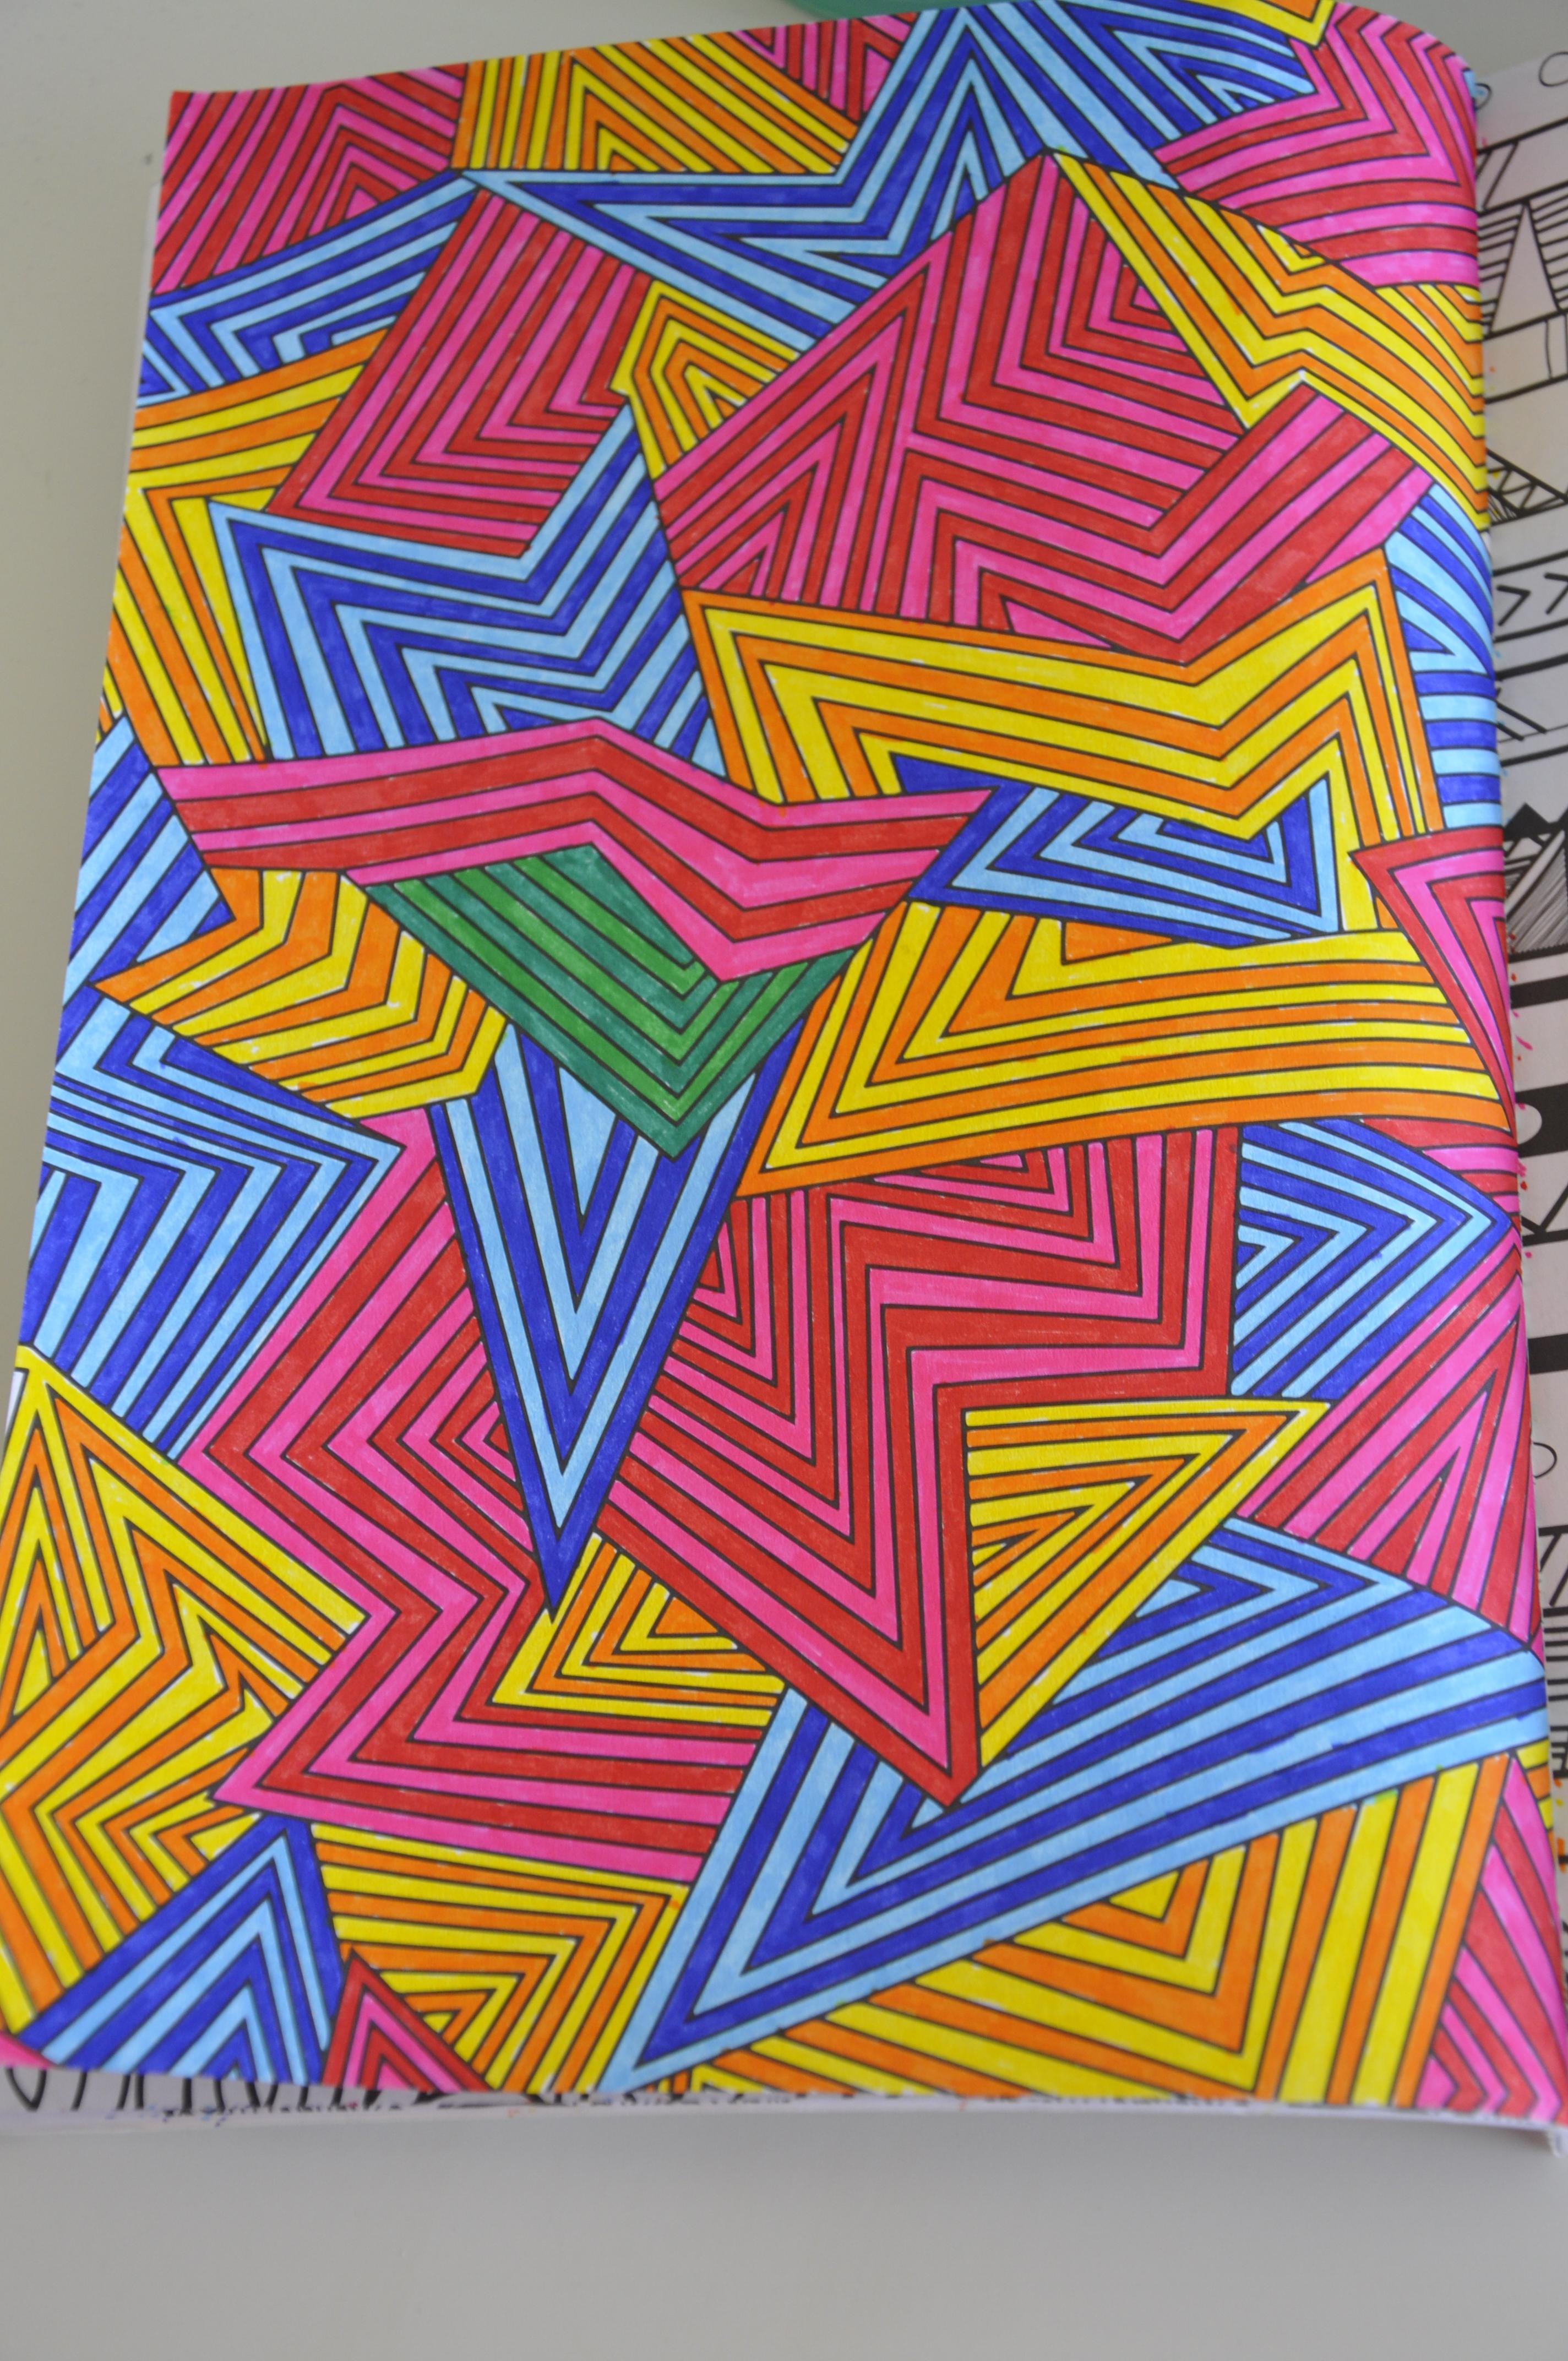 Kleurplaten Volwassenen Ingekleurd.Het Beste Van Kleurplaten Voor Volwassenen De Standaard Klupaats